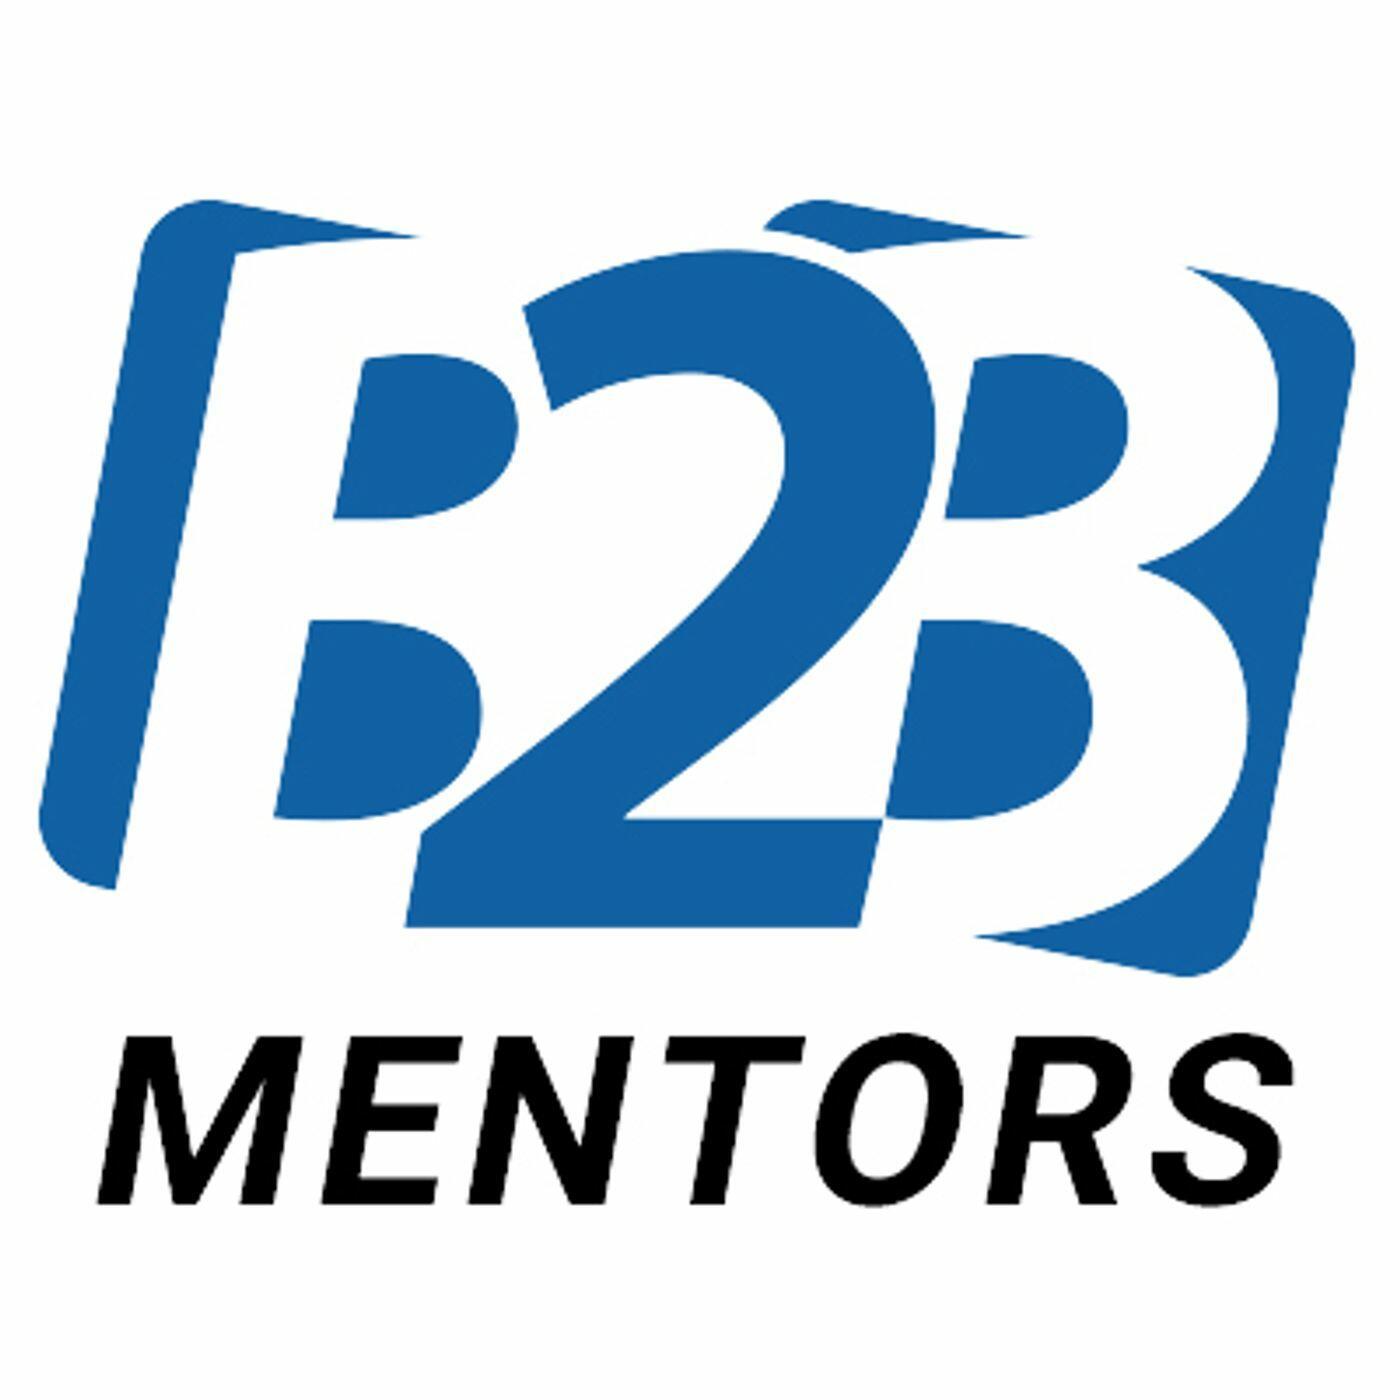 B2B Mentors